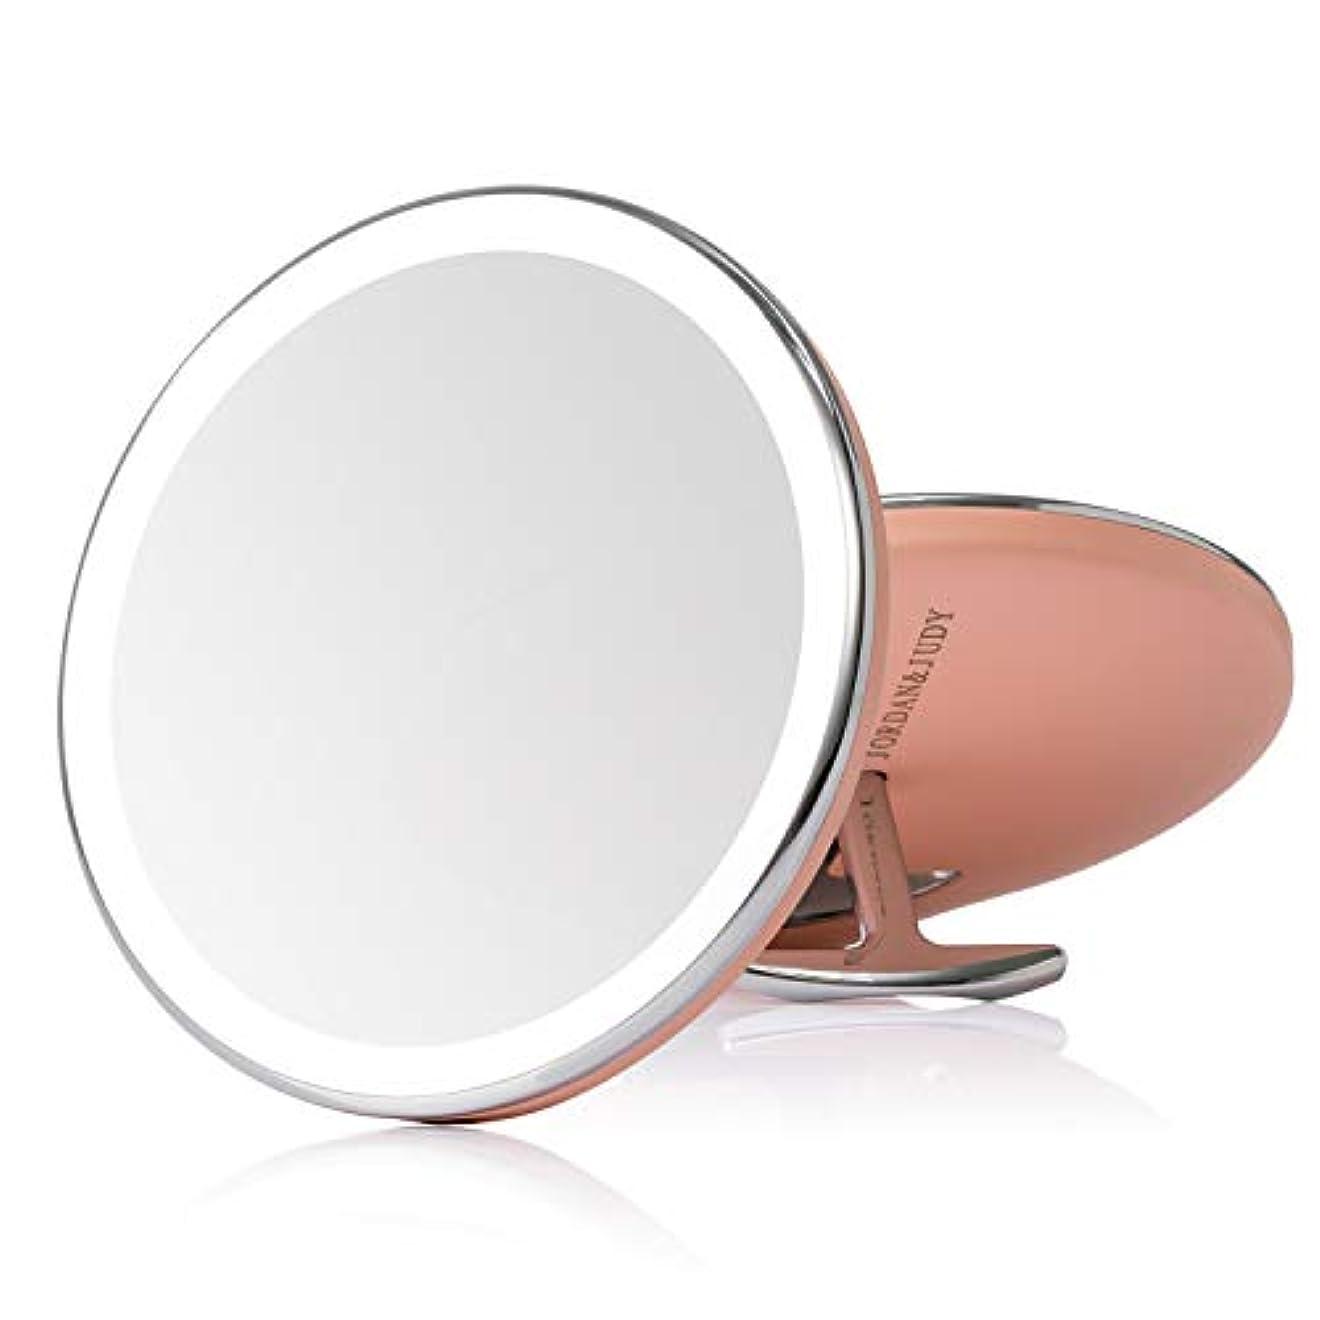 けがをするインタネットを見るバッチ化粧鏡 女優ミラー led ミラー led付き USB充電式 明るさ調節可能 持ち運び 外出 旅行用 通勤用 便利 携带ミラー プレゼント